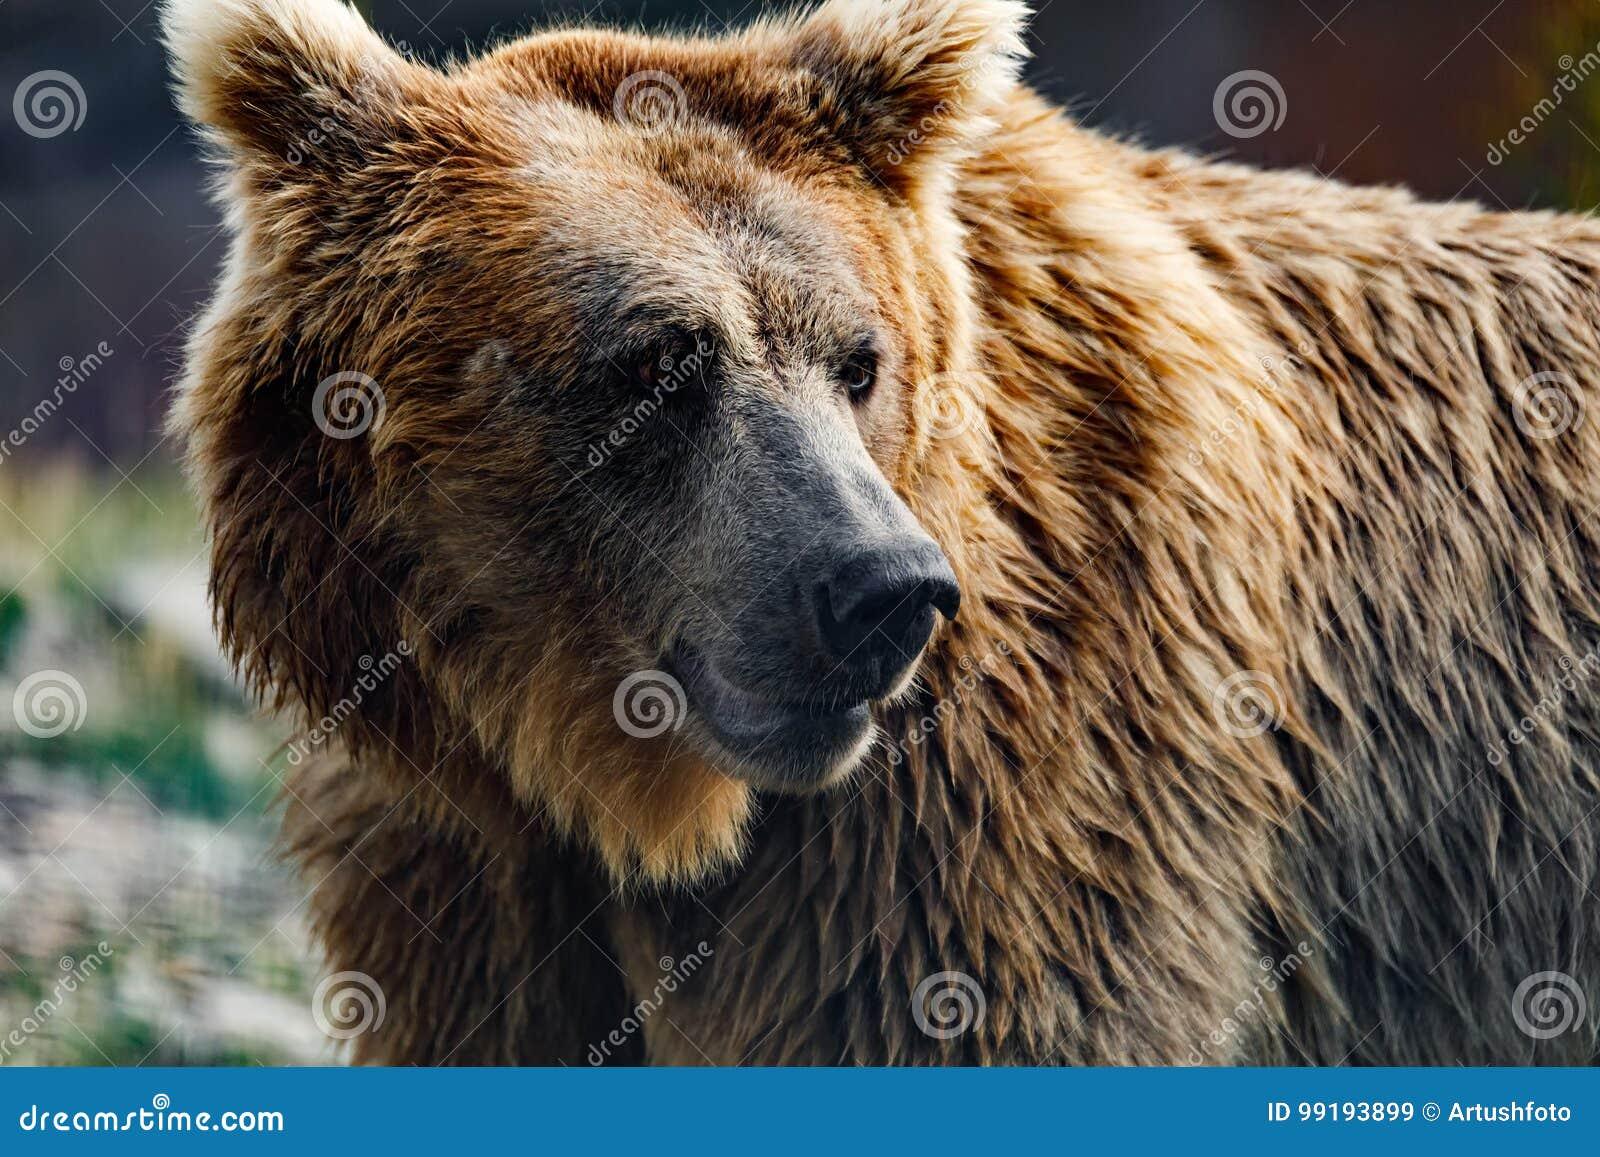 Himalayan brown bear Ursus arctos isabellinus